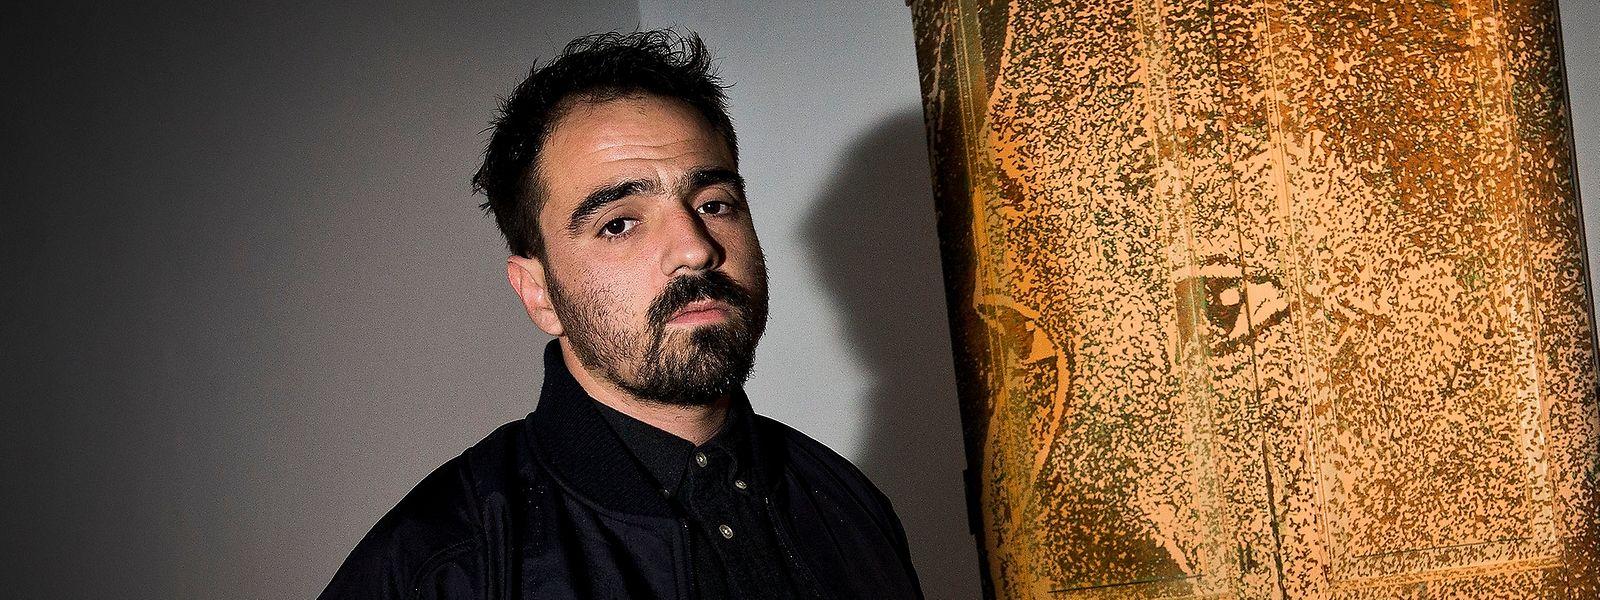 O artista português Alexandre Farto, que assina como Vhils.